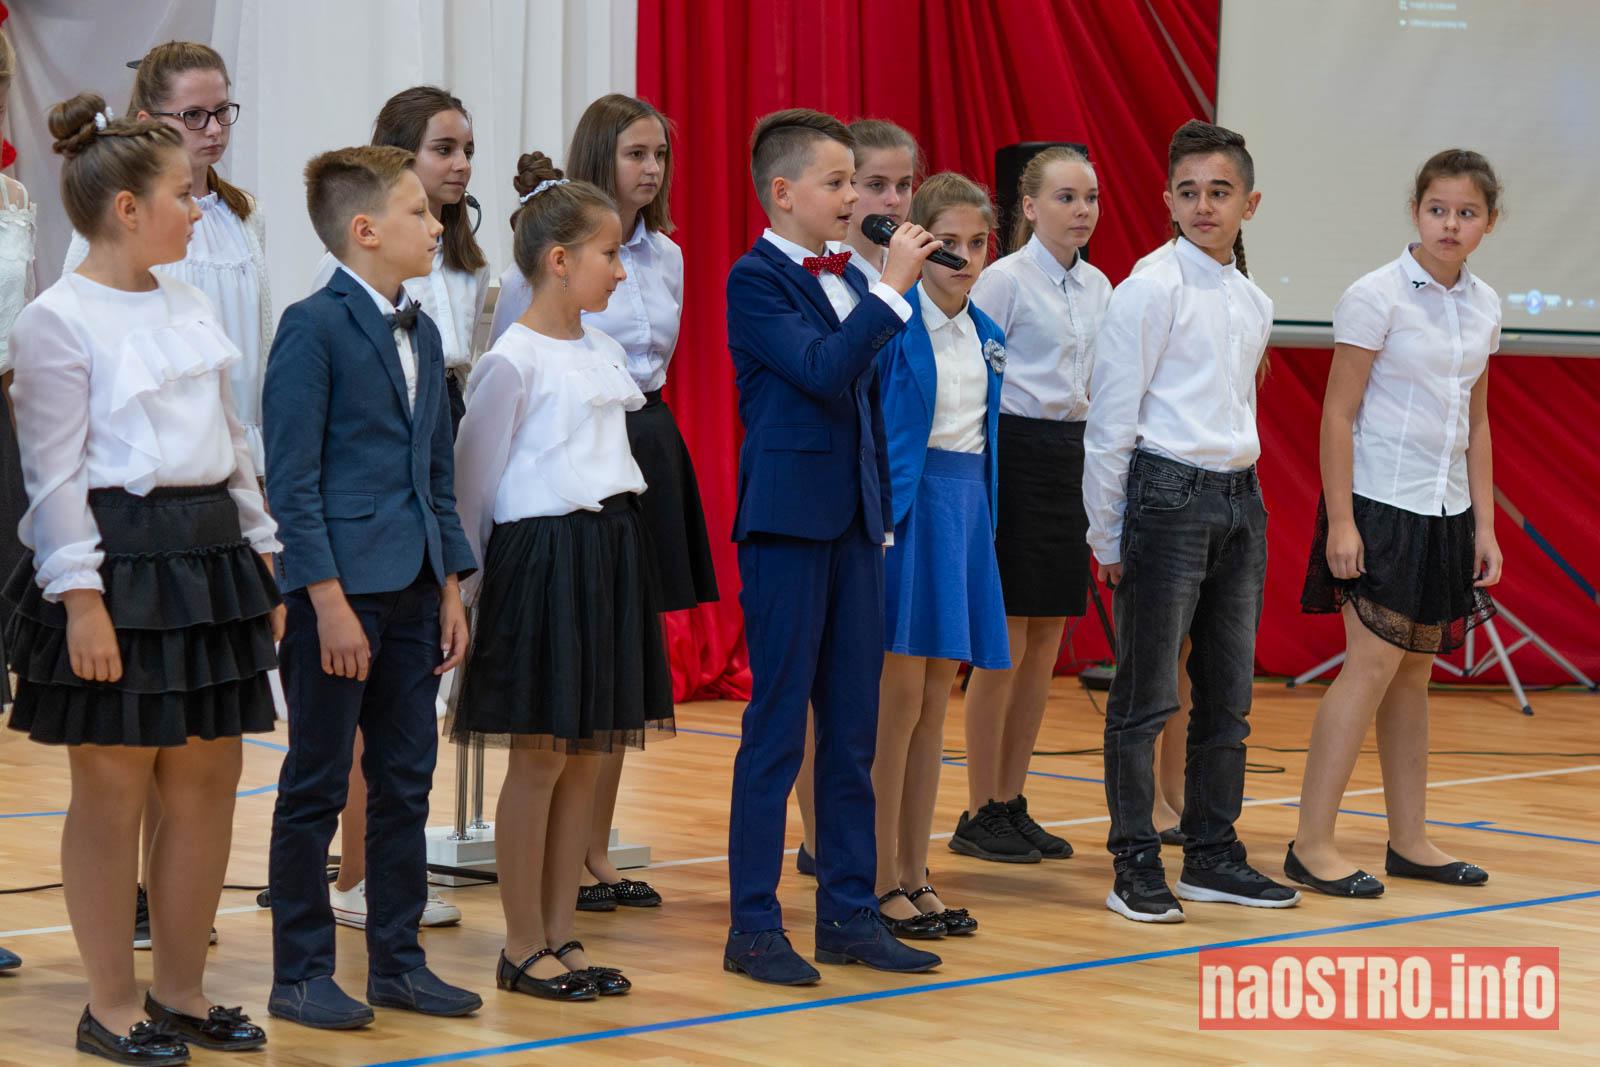 NaOSTRO Otwarcie Szkoły w Bałtowie-177